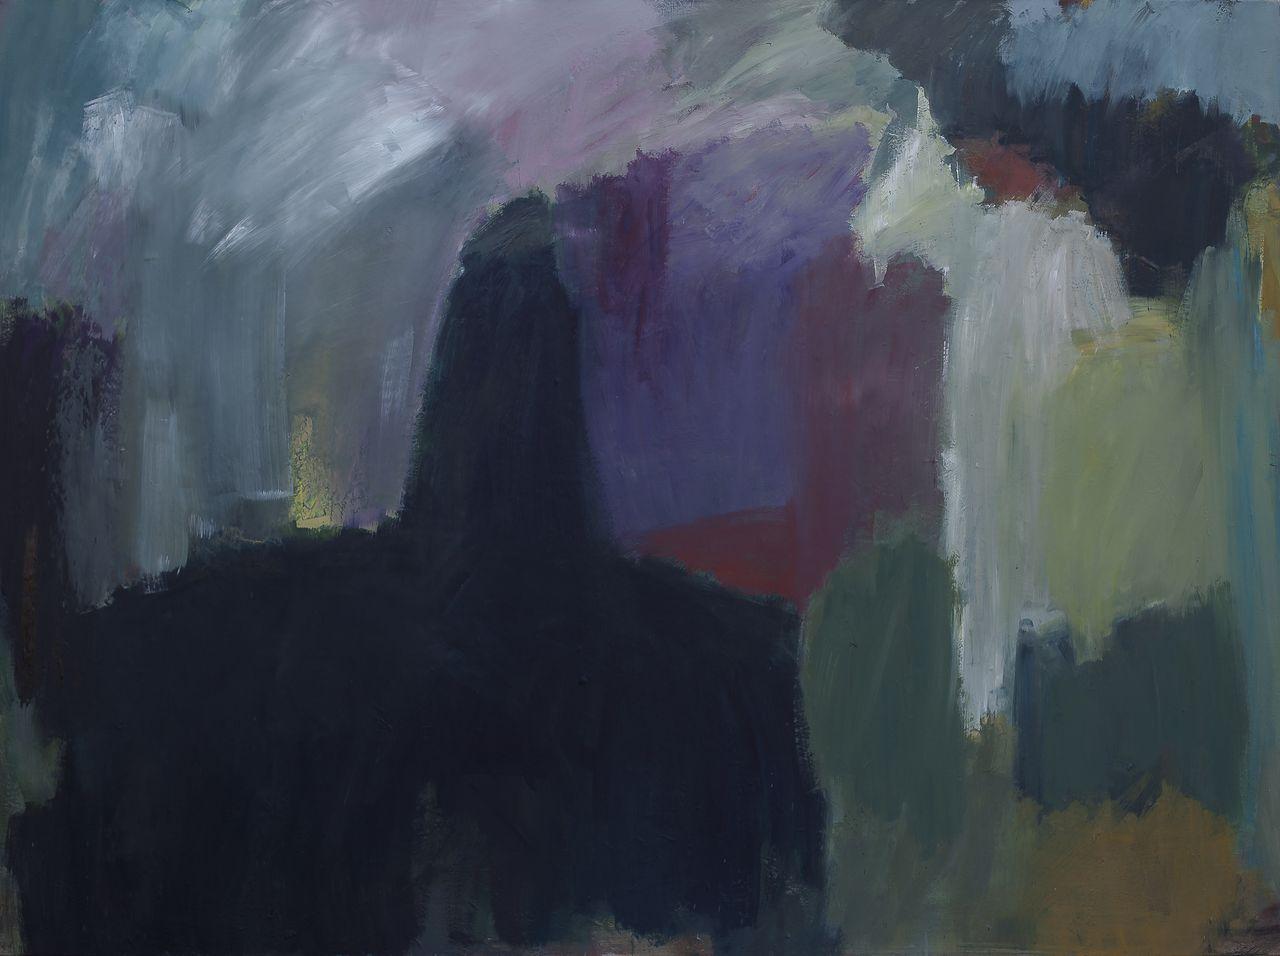 Erika Laesser-Rotter, Malerei, Winter, Oel/Leinwand, 135/175 cm, 2018